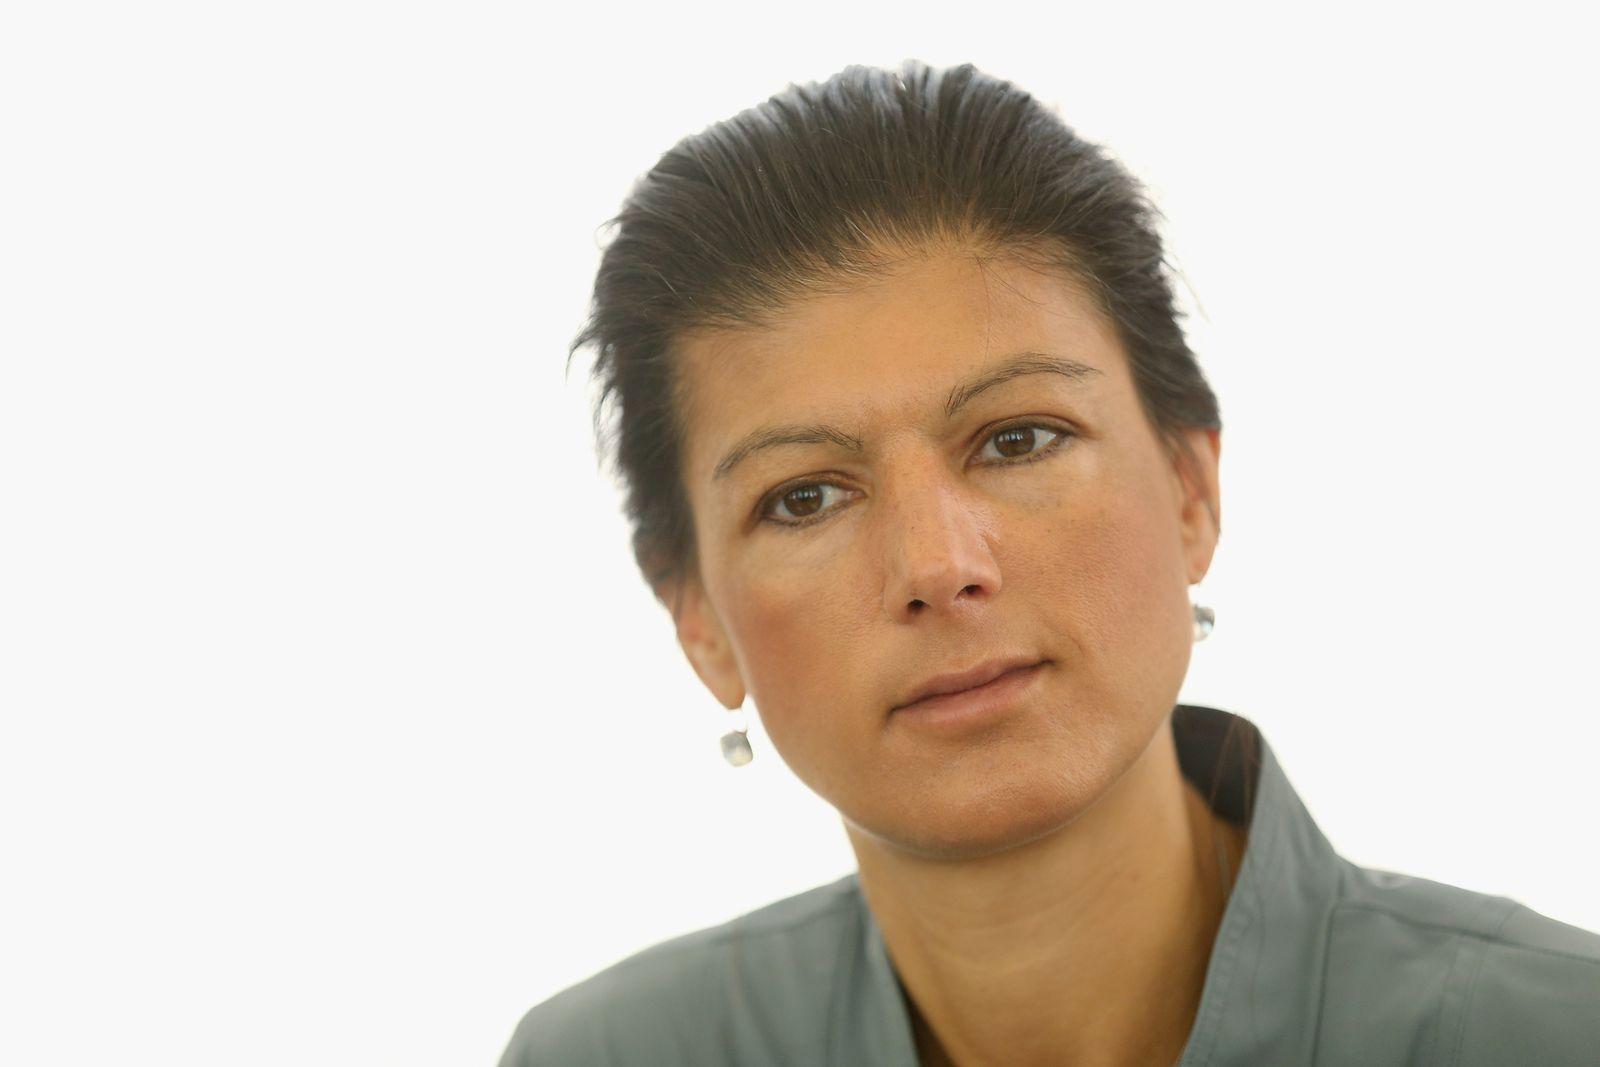 Sahra Wagenknecht/ Linke